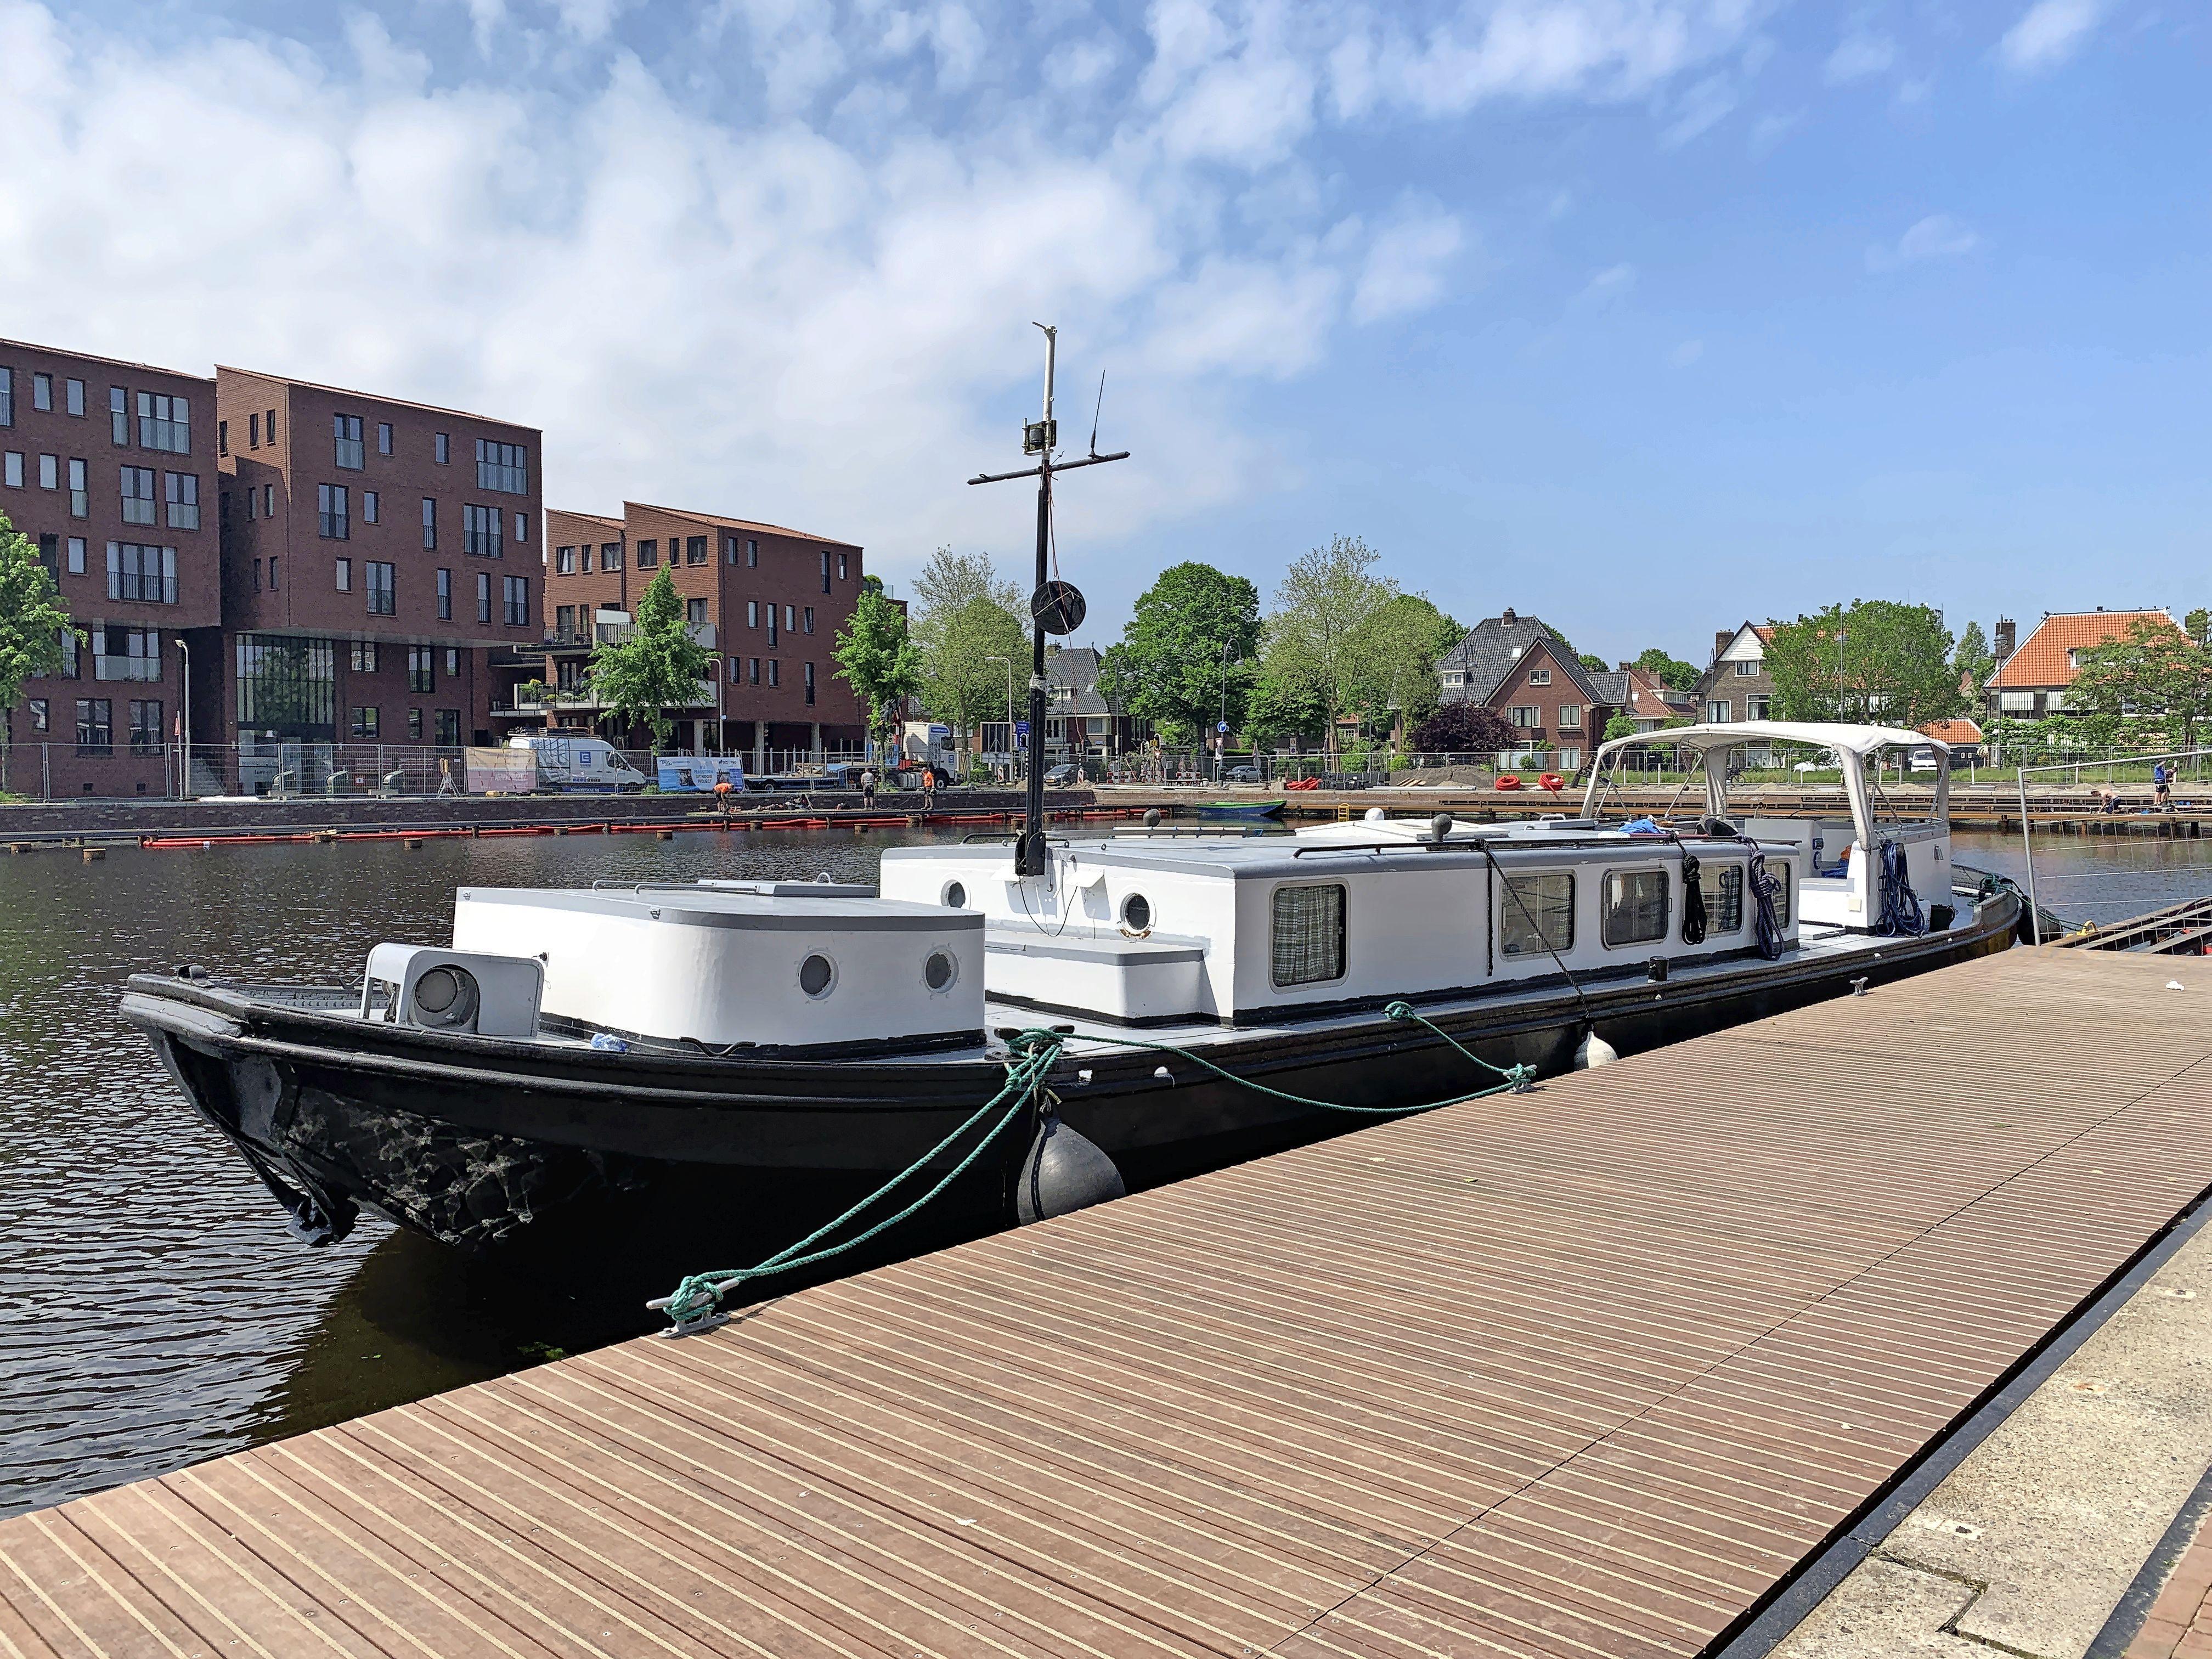 Gemeente Heemstede geeft toe: bewoners hadden geïnformeerd moeten worden over ligplaats schip De Olifant